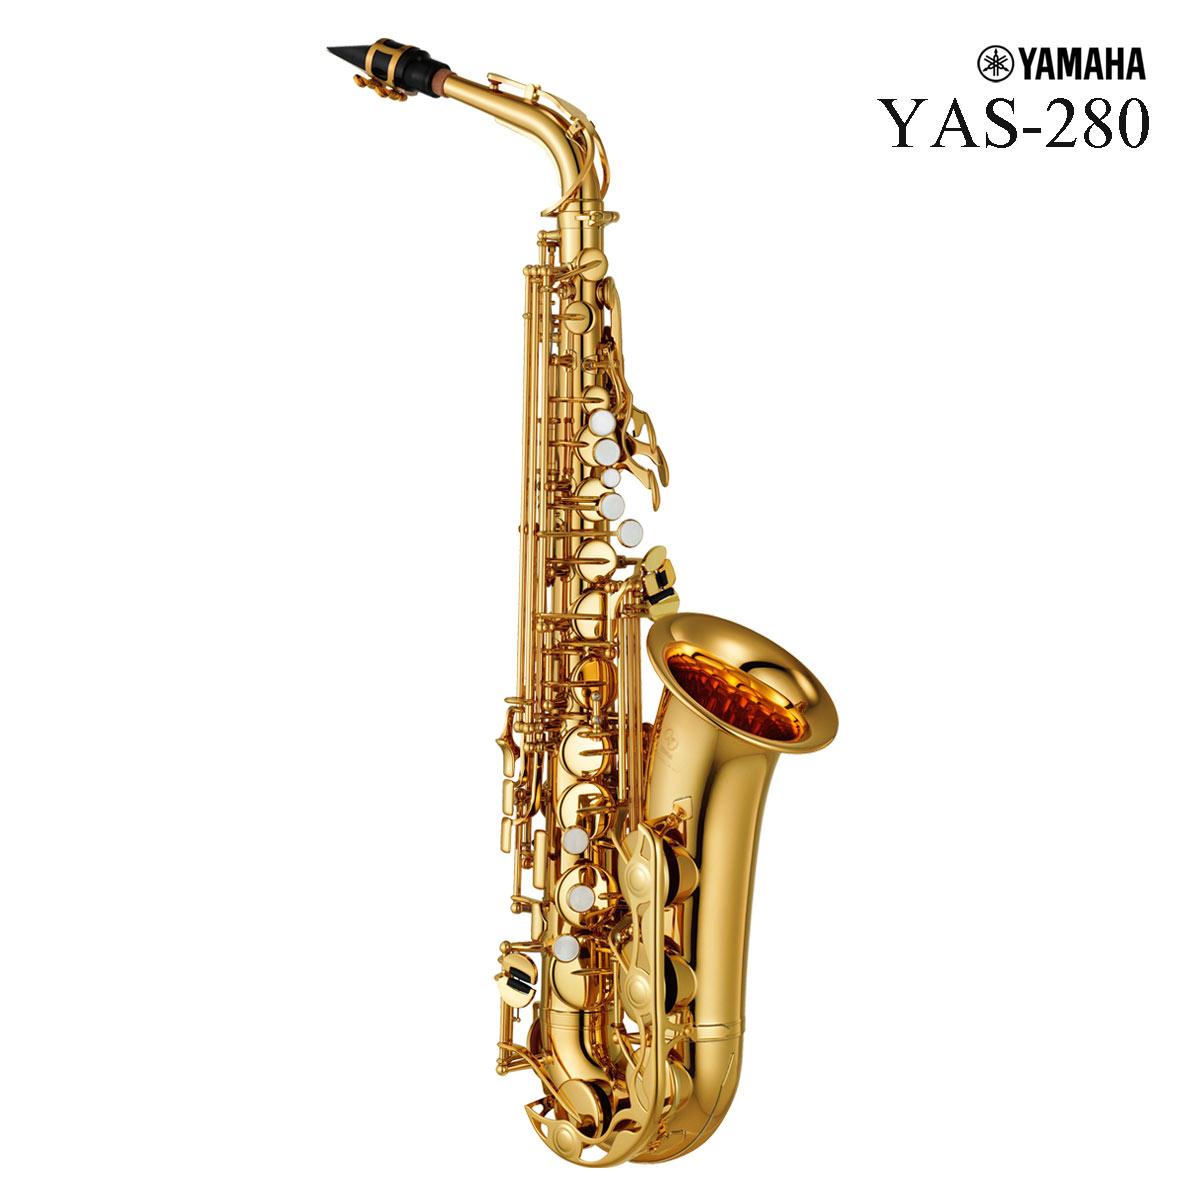 【在庫あり】YAMAHA / YAS-280 スタンダード アルトサックス YAS280 《倉庫保管新品をお届け※もちろん出荷前調整》《5年保証》